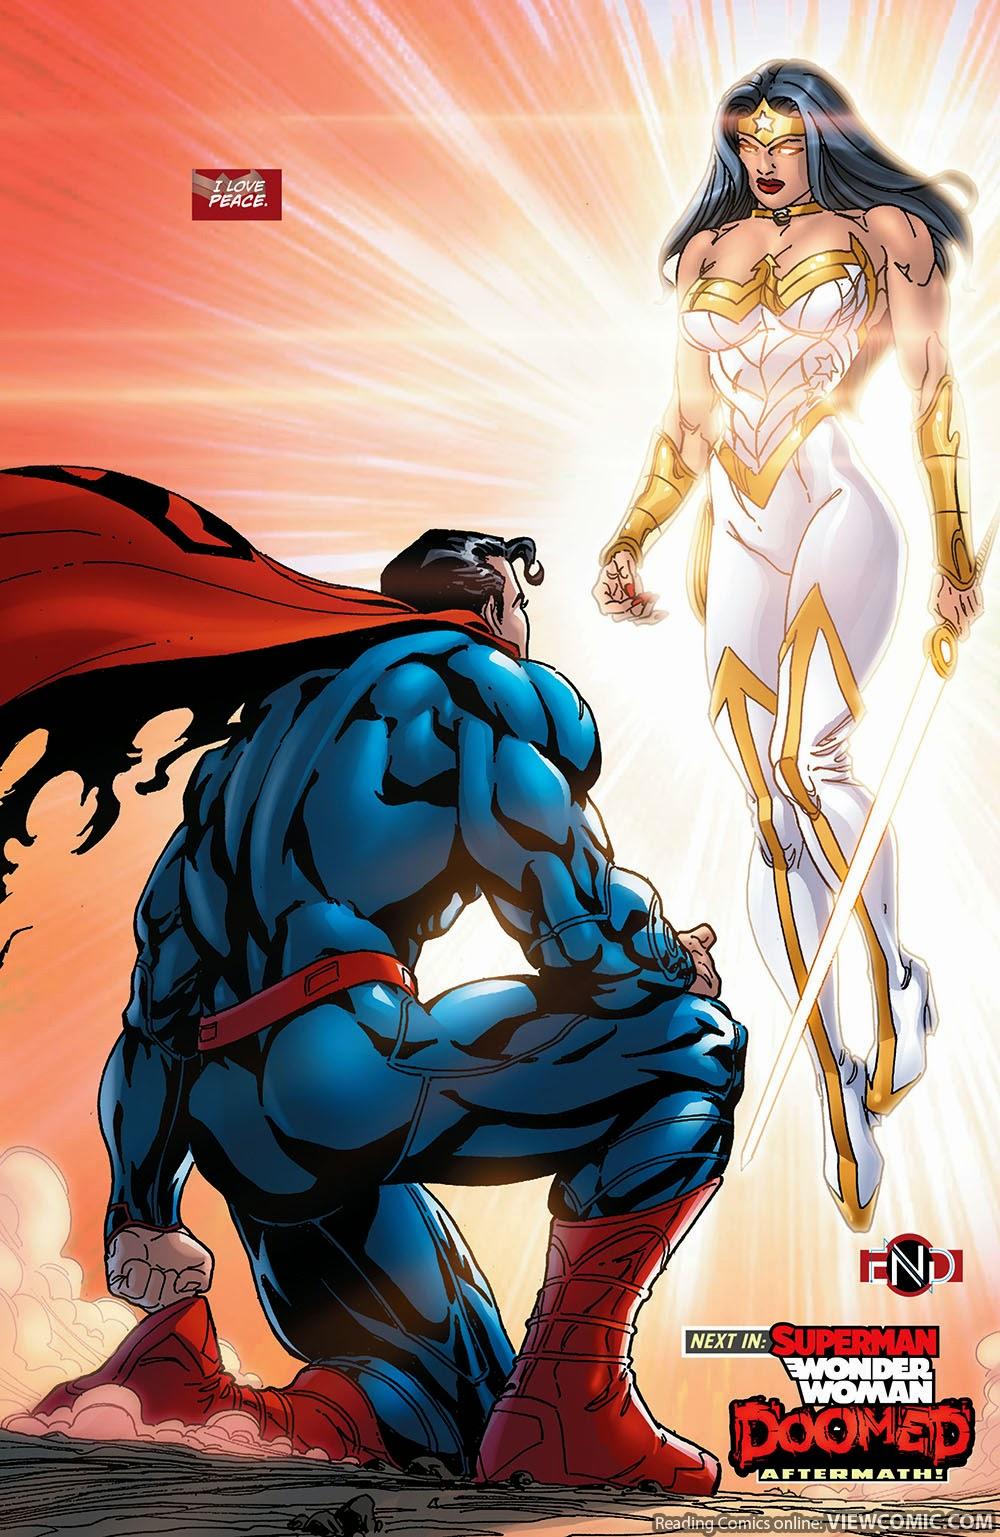 Superman/wonder woman #1 online college